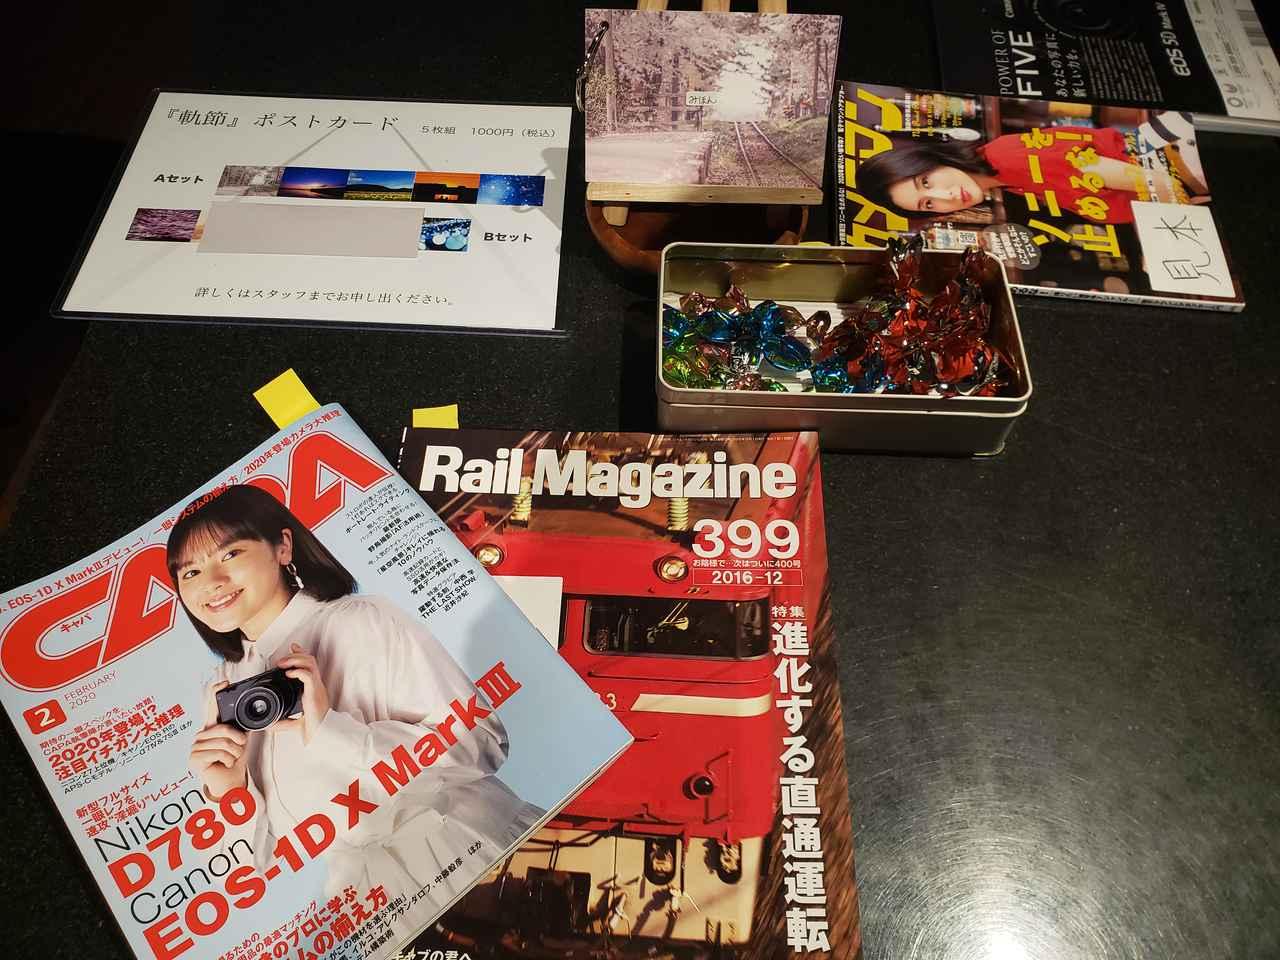 画像: 会場では、栗原さんの鉄道写真のポストカード(5枚組/1,000円)も販売中です!栗原さんが紹介されている鉄道総合情報誌やカメラ·写真雑誌もご覧いただけます。